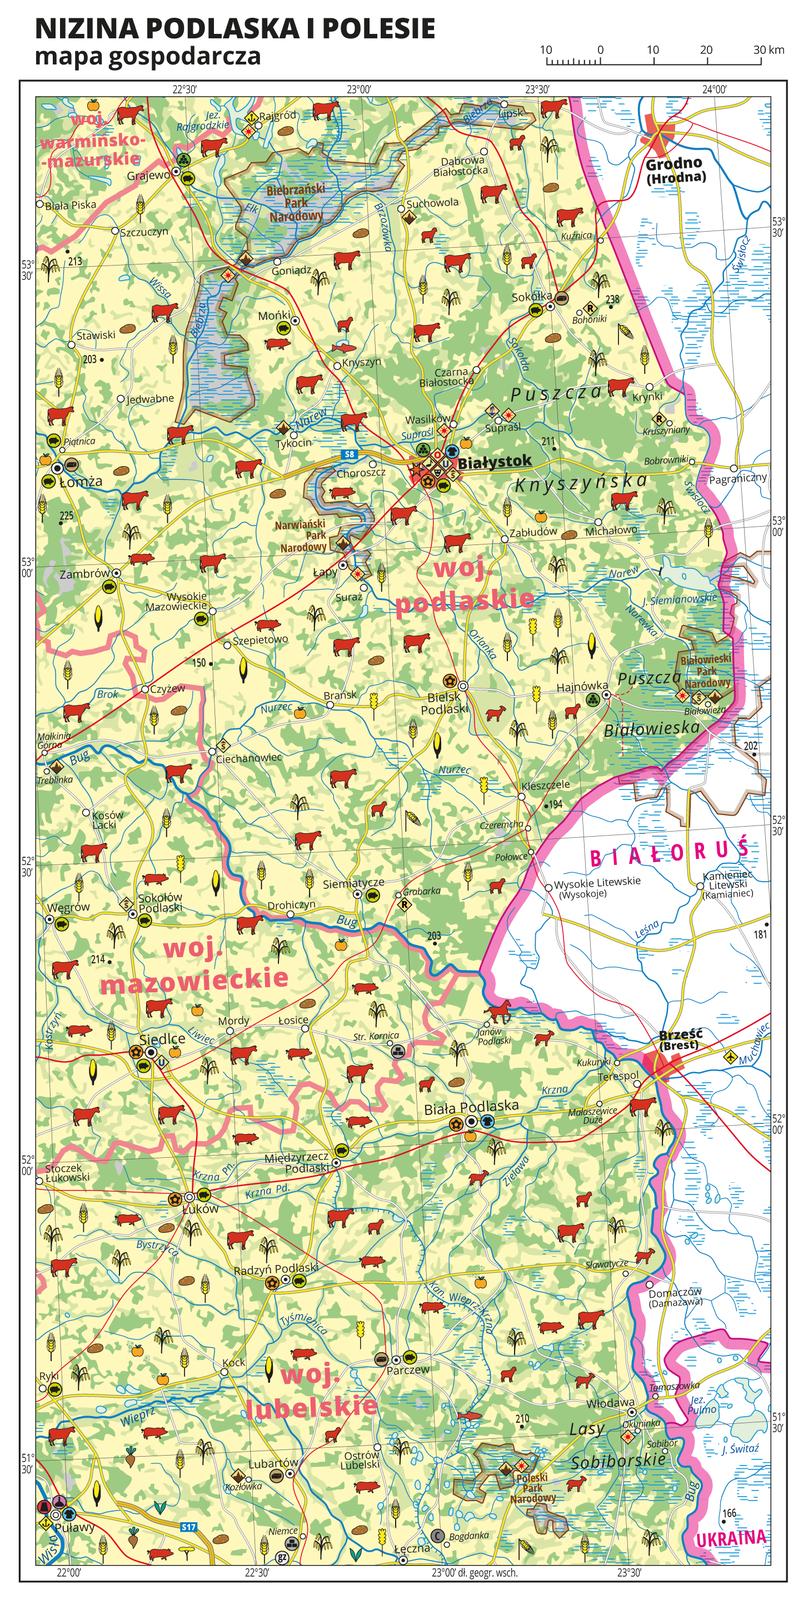 Ilustracja przedstawia mapę gospodarczą Niziny Podlaskiej iPolesia. Tło mapy wkolorze żółtym (grunty orne), jasnozielonym (łąki ipastwiska) izielonym (lasy). Mapa obejmuje tereny od Łomży iPuław na zachodzie po wschodnią granicę Polski zBiałorusią iUkrainą. Na mapie sygnatury obrazujące uprawy poszczególnych roślin, hodowlę zwierząt, przemysł, górnictwo ienergetykę, komunikację, turystykę, naukę, kulturę isztukę. Największe zagęszczenie sygnatur wBiałymstoku. Duże zagęszczenie sygnatur wSiedlcach, Puławach, Łomży iBiałej Podlaskiej. Na obszarze całej mapy równomiernie rozłożone sygnatury związane zhodowlą zwierząt iuprawą roślin. Na mapie przedstawiono sieć dróg ikolei, porty wodne ilotnicze, granice województw, granicę państwa. Opisano województwa mazowieckie, lubelskie, podlaskie iwarmińsko-mazurskie. Opisano Białoruś iUkrainę. Opisano kompleksy leśne, na przykład Puszczę Białowieską iparki narodowe. Mapa zawiera południki irównoleżniki, dookoła mapy wbiałej ramce opisano współrzędne geograficzne co trzydzieści minut.